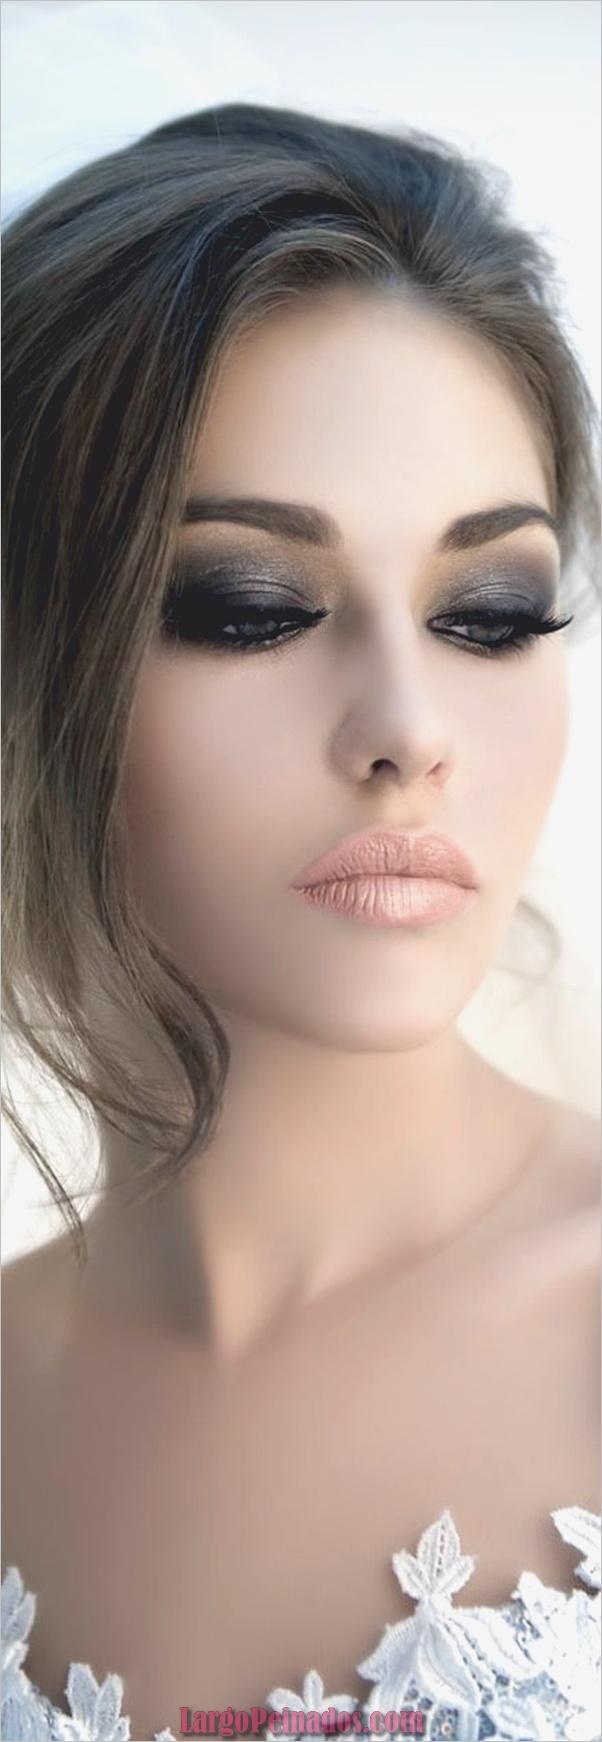 ojos-encapuchados-maquillaje-consejos-y-tutorial-7